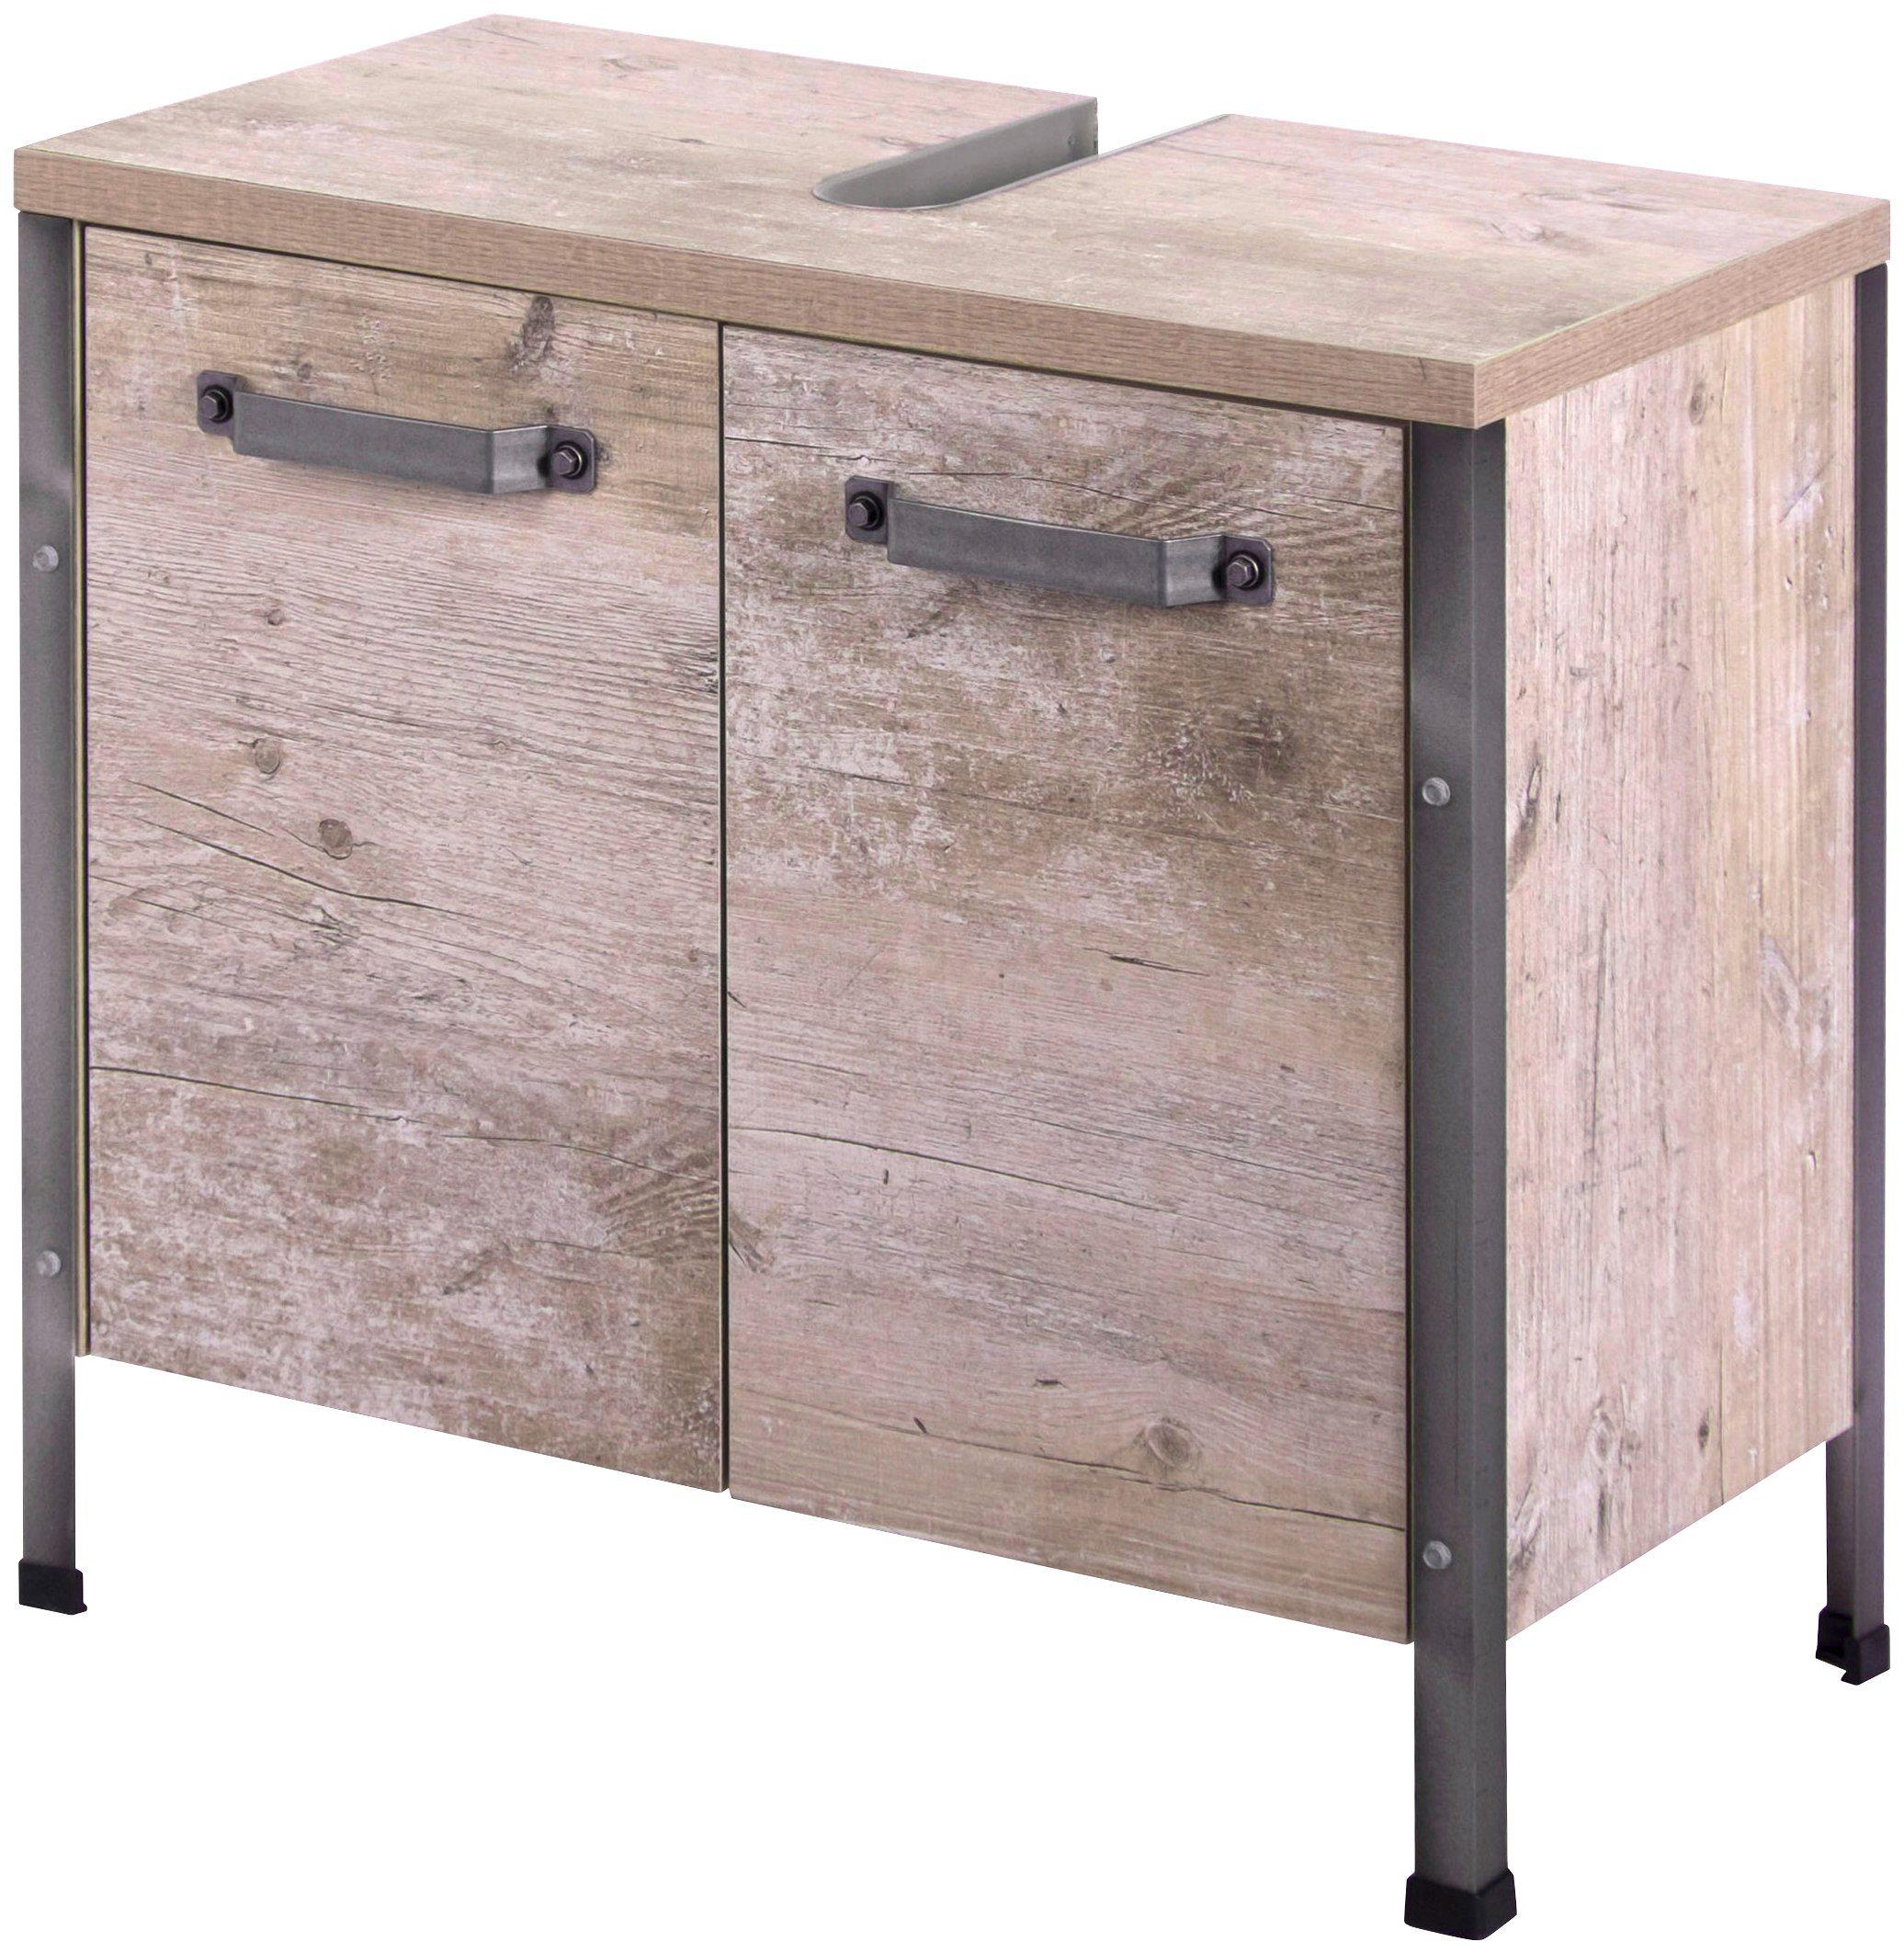 SCHILDMEYER Waschbeckenunterschrank »Harkon«, Breite 63,5 cm   Bad > Badmöbel > Waschbeckenunterschränke   Spanplatte   Schildmeyer